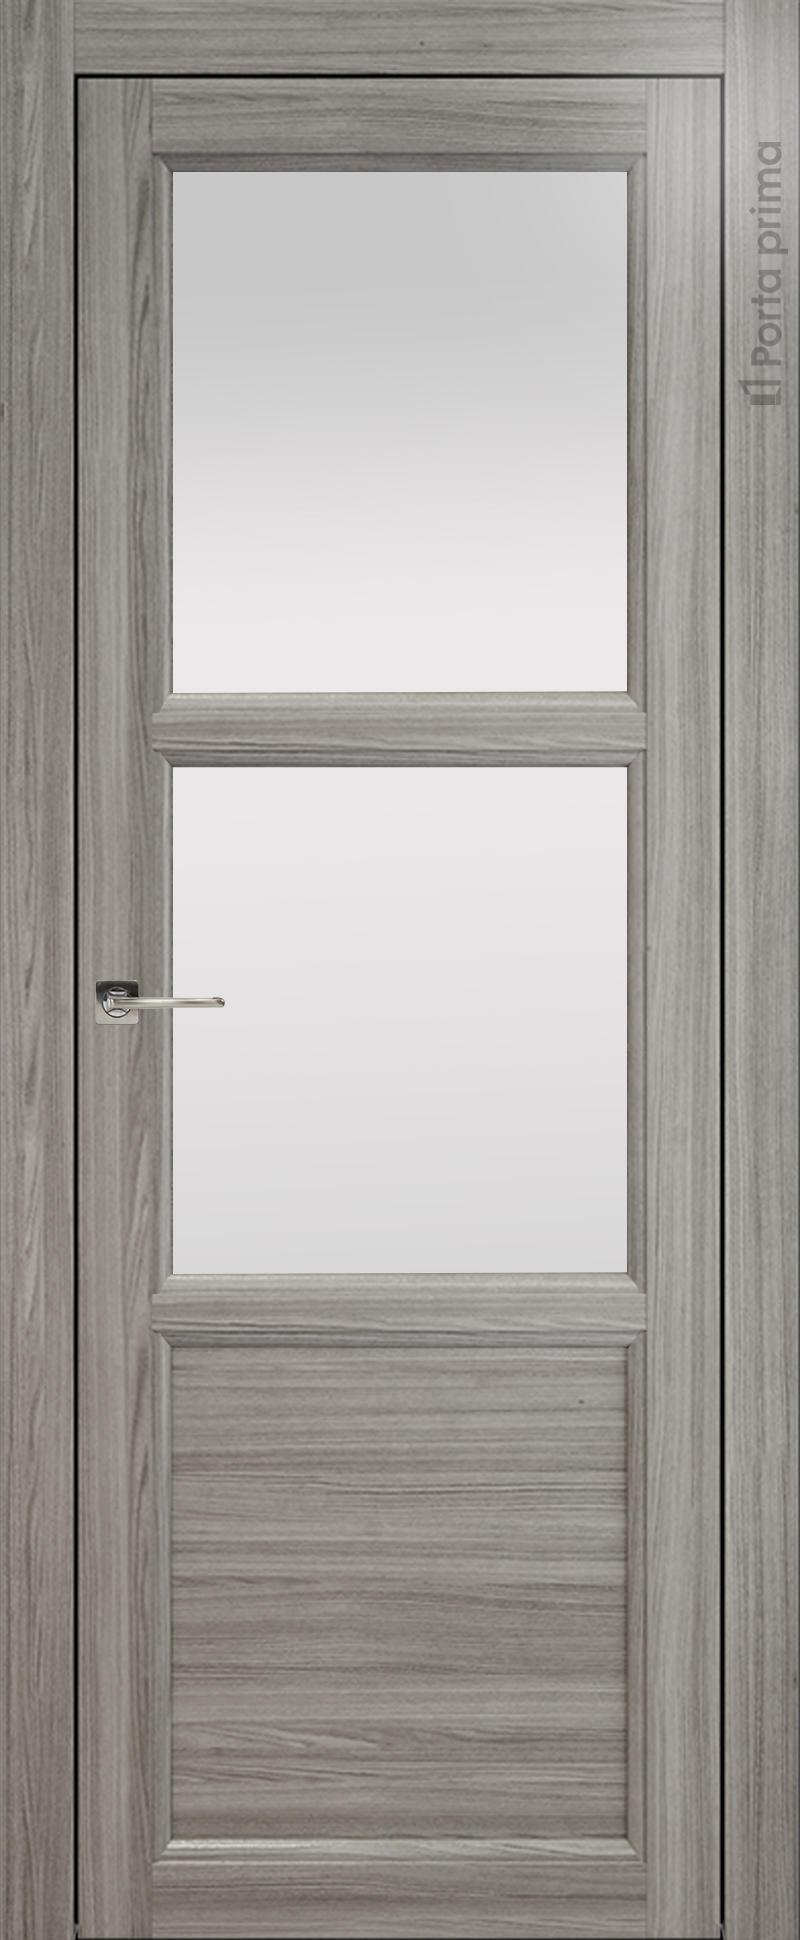 Sorrento-R Б2 цвет - Орех пепельный Со стеклом (ДО)